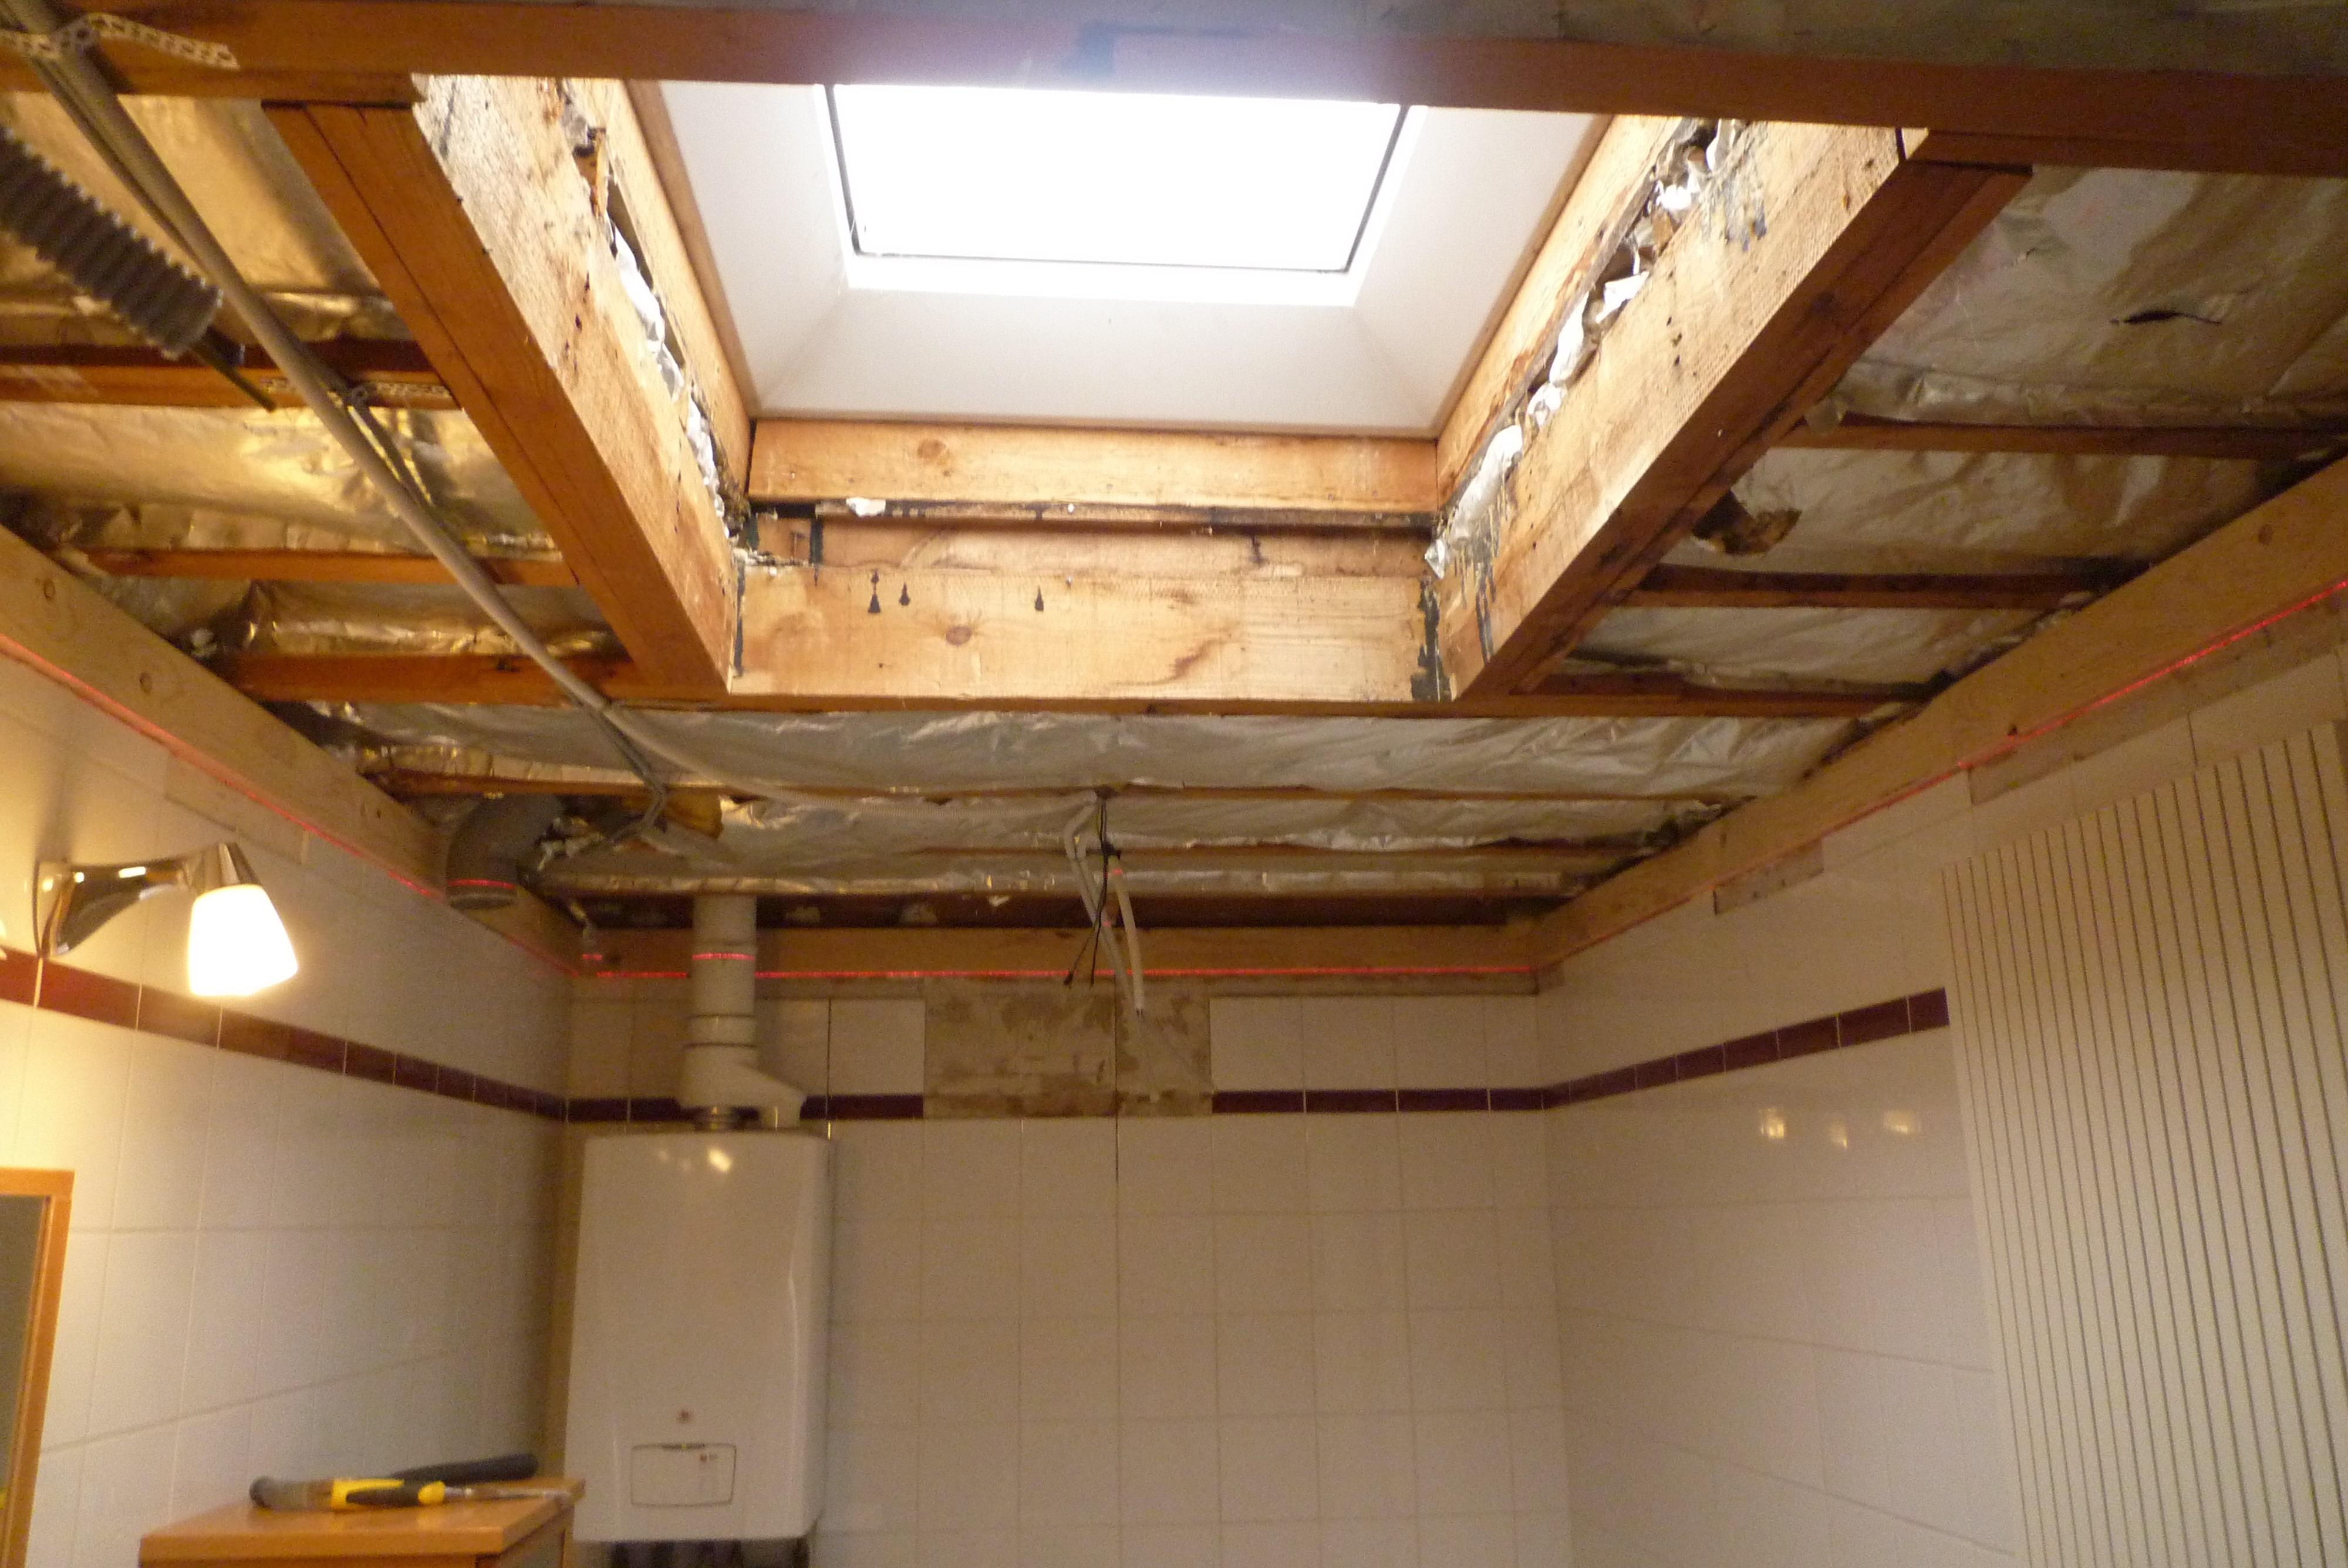 Deboosere interieurinrichting | Badkamer met gyprocplafond image 1